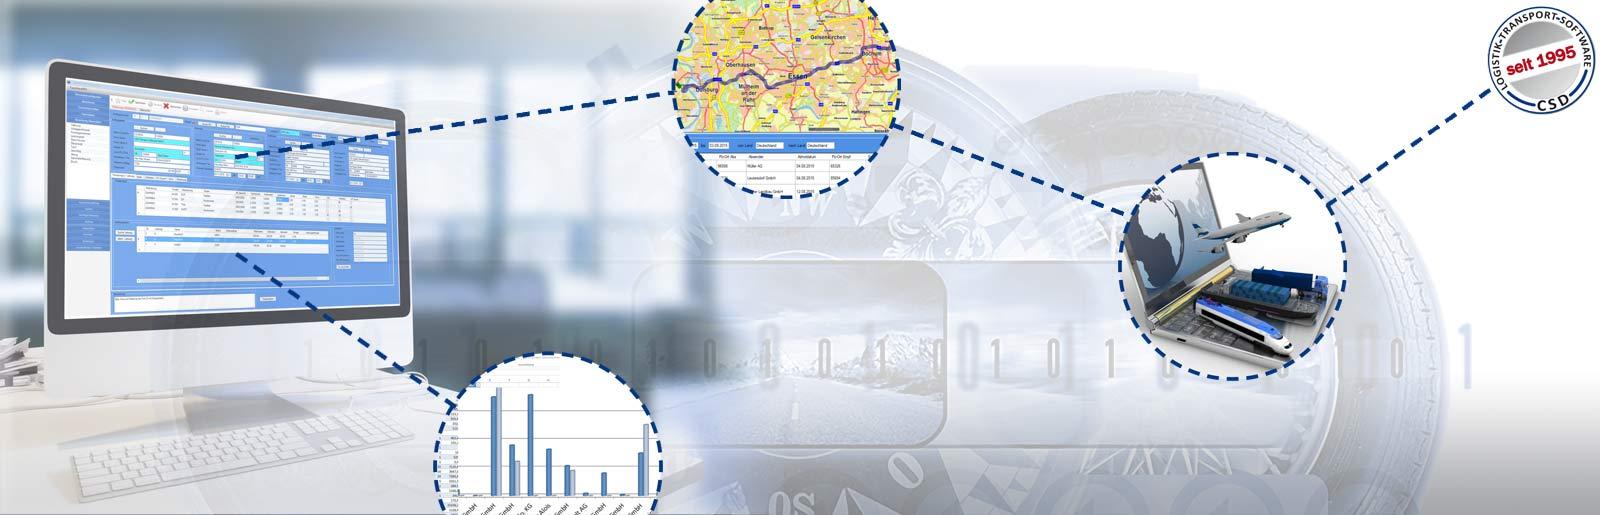 Willkommen von CSD Logistik und Transport Software